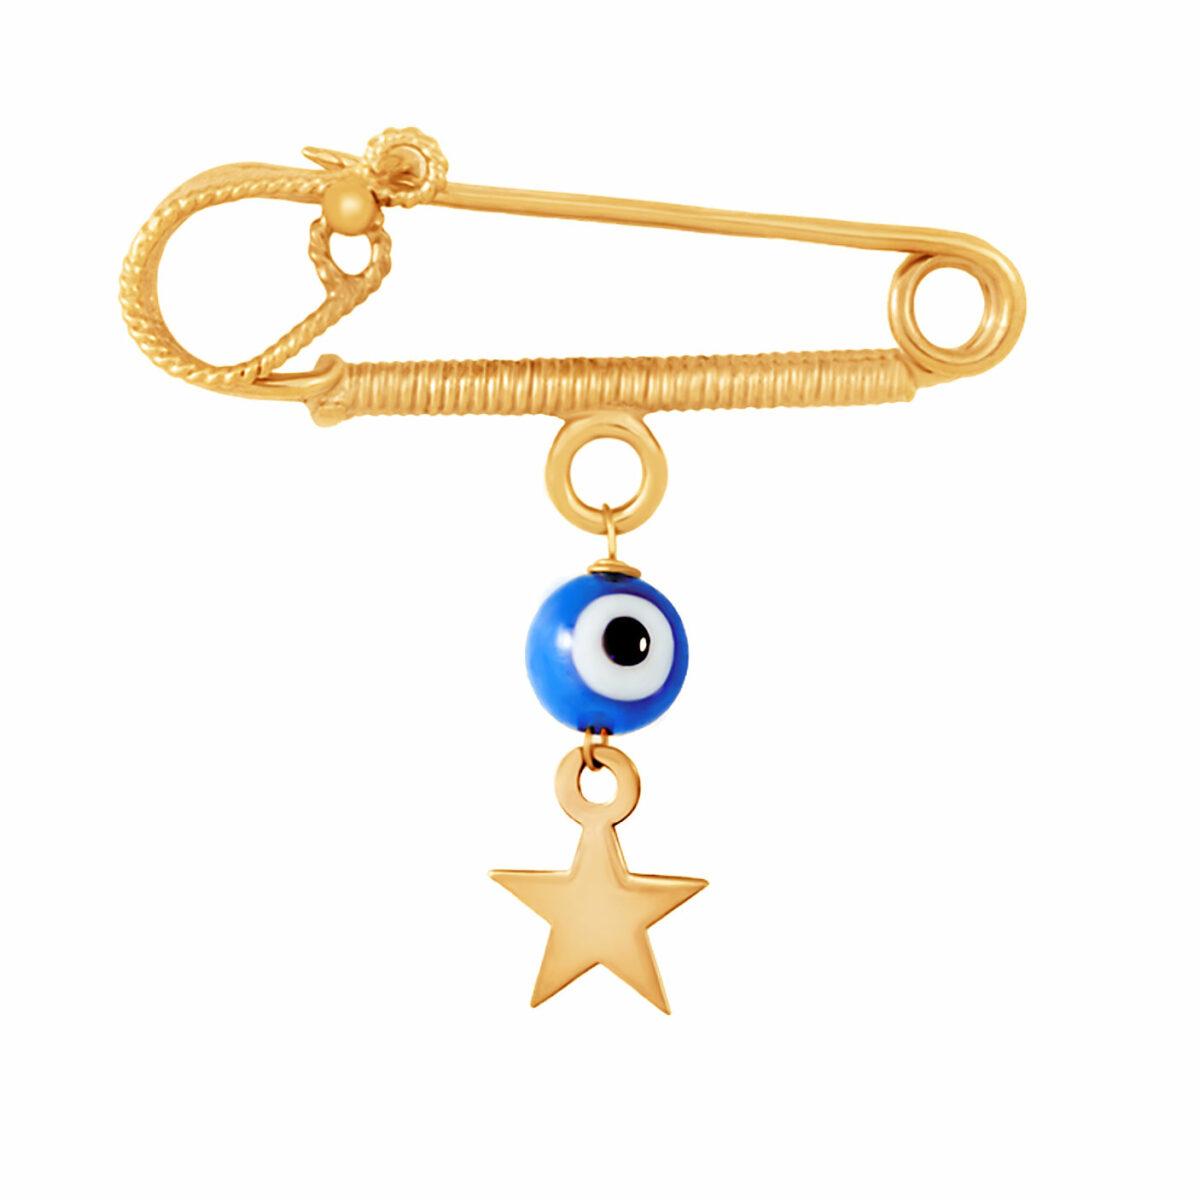 سنجاق سینه طلا ستاره با سنگ چشم نظر